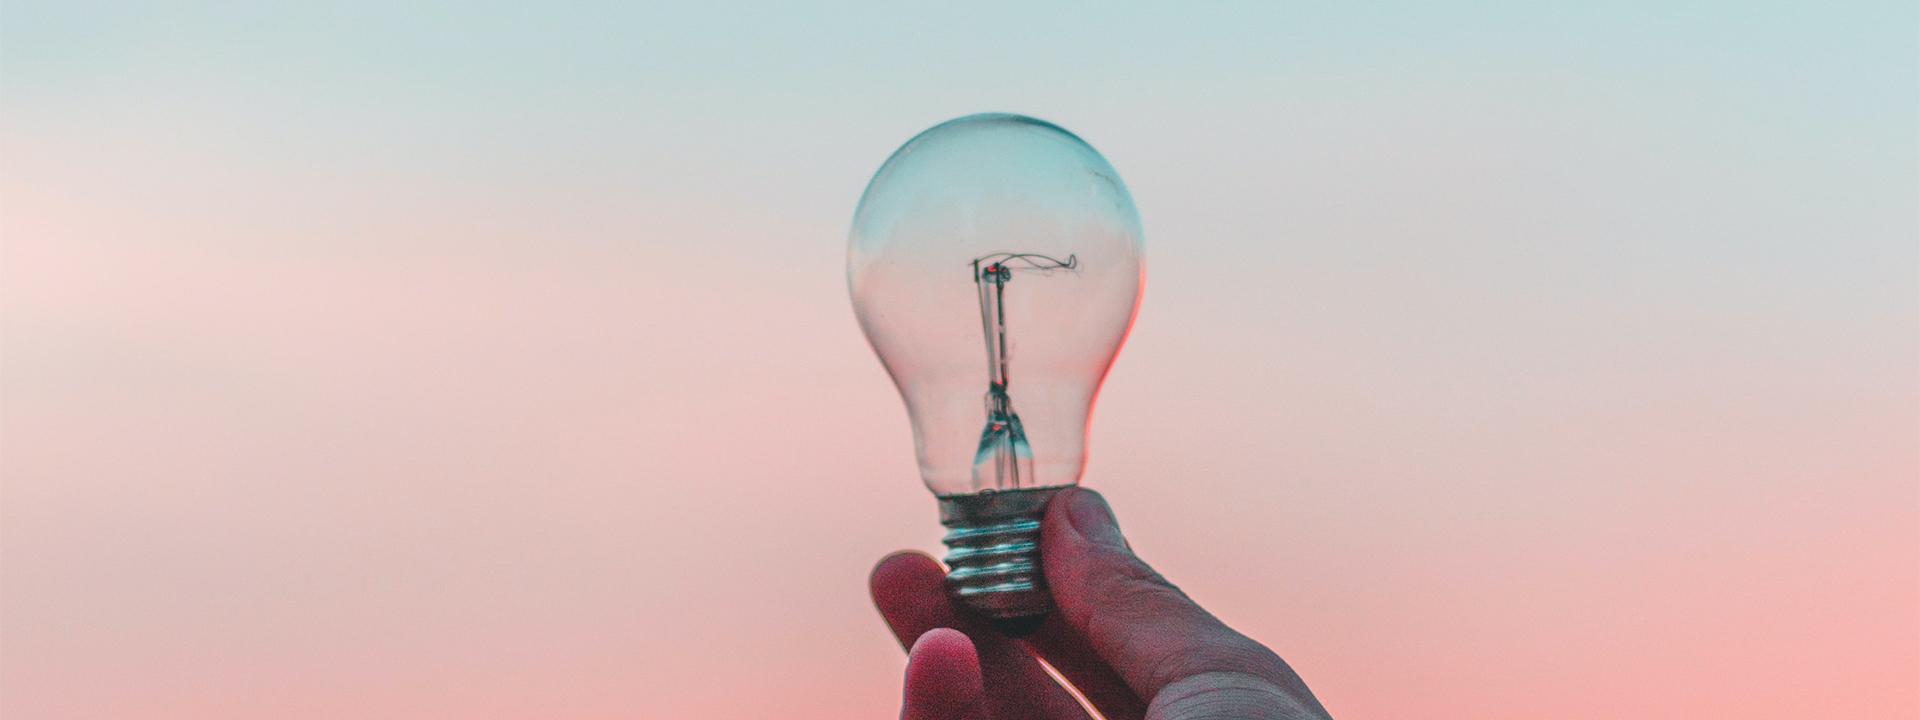 Mit innovativen Ideen die Zukunft gemeinsam gestalten